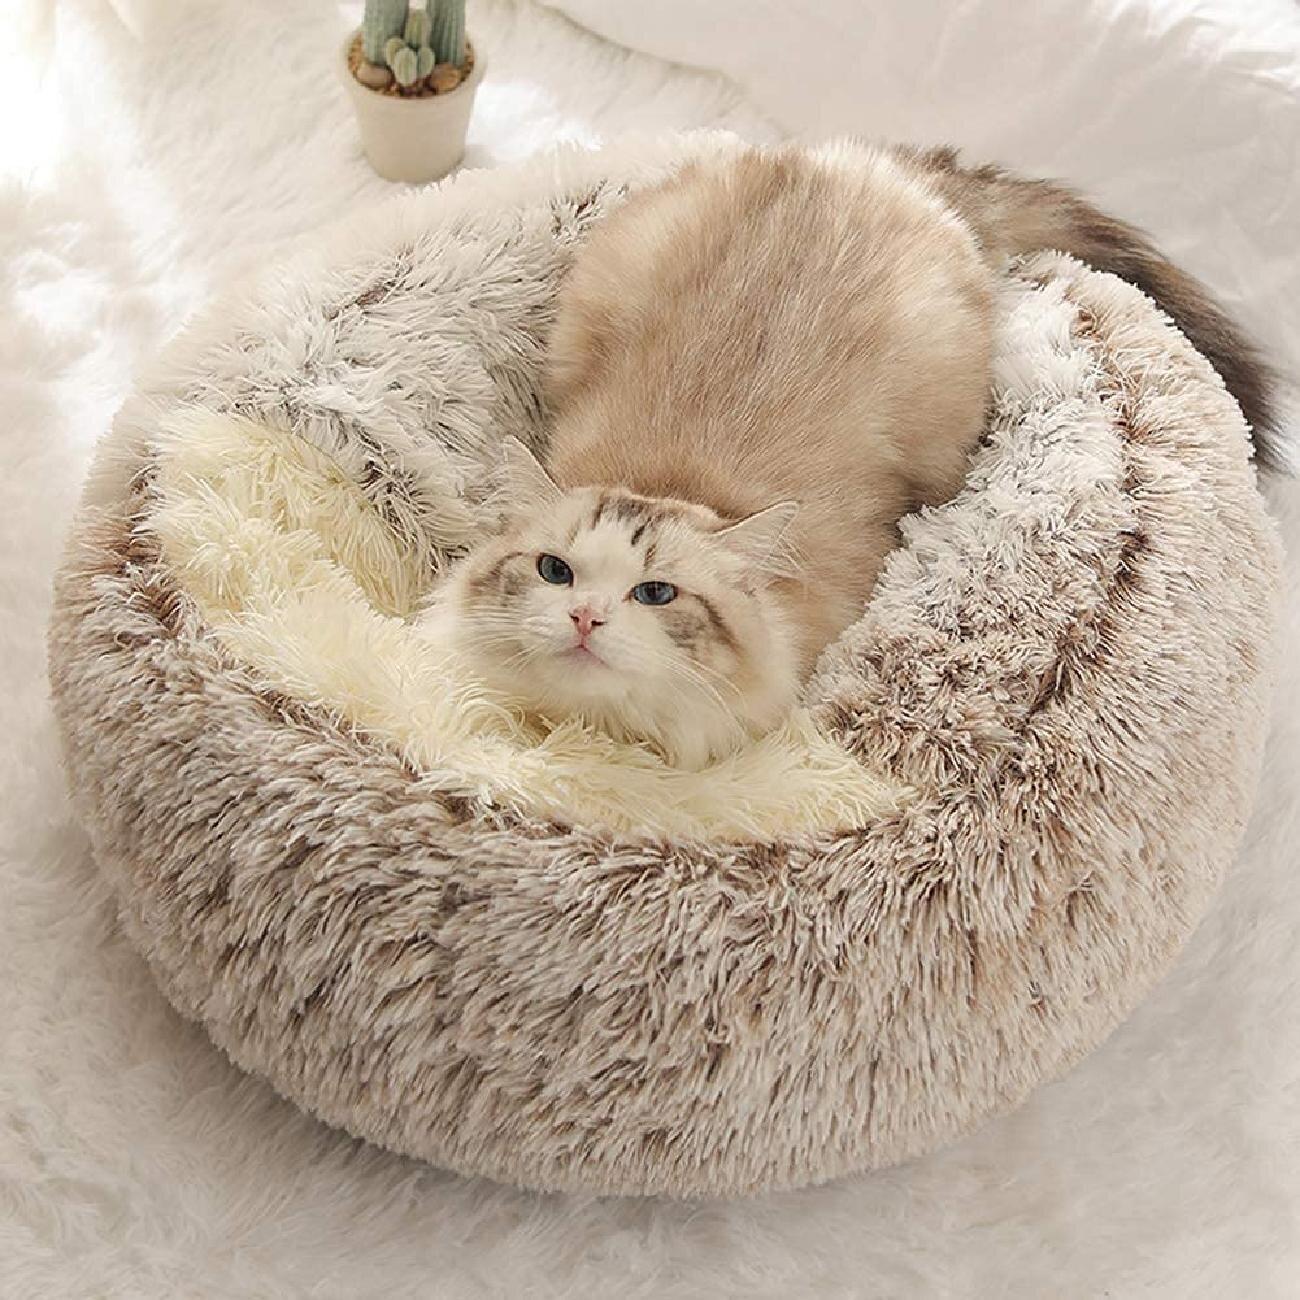 Hình ảnh này chưa có thuộc tính alt; tên tệp của nó là fluffy-luxe-soft-long-plush-round-pet-bed-for-cats-small-dogs-self-warming-cat-calming-bed-house-cushion-sofa-cave-for-kitty-teddy-puppy-autumn-winter-indoor-snooze-sleepingimproved-sleep.jpg